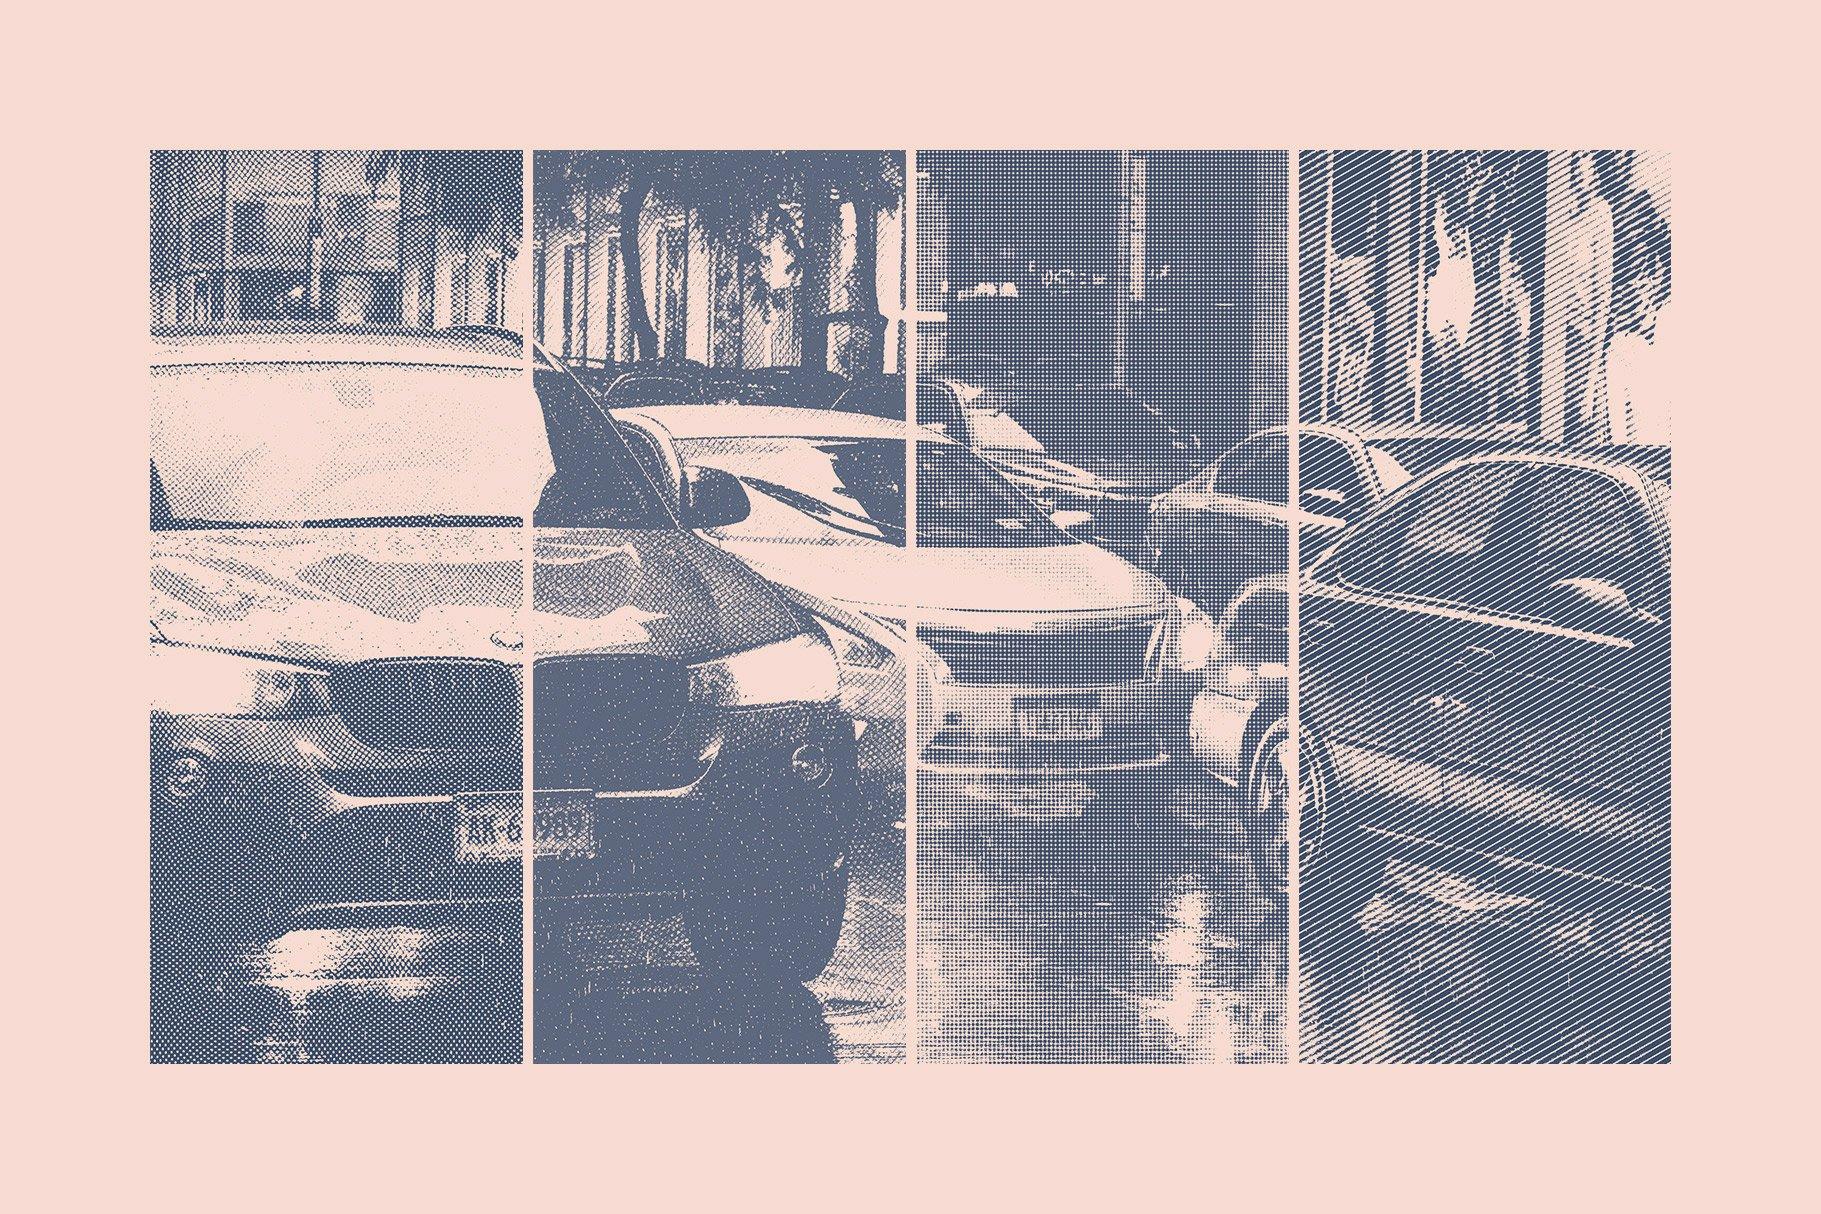 复古雕刻半调横纹波点效果Ps图片生成样式模板 Engraving & Halftone Effect Creator插图(2)